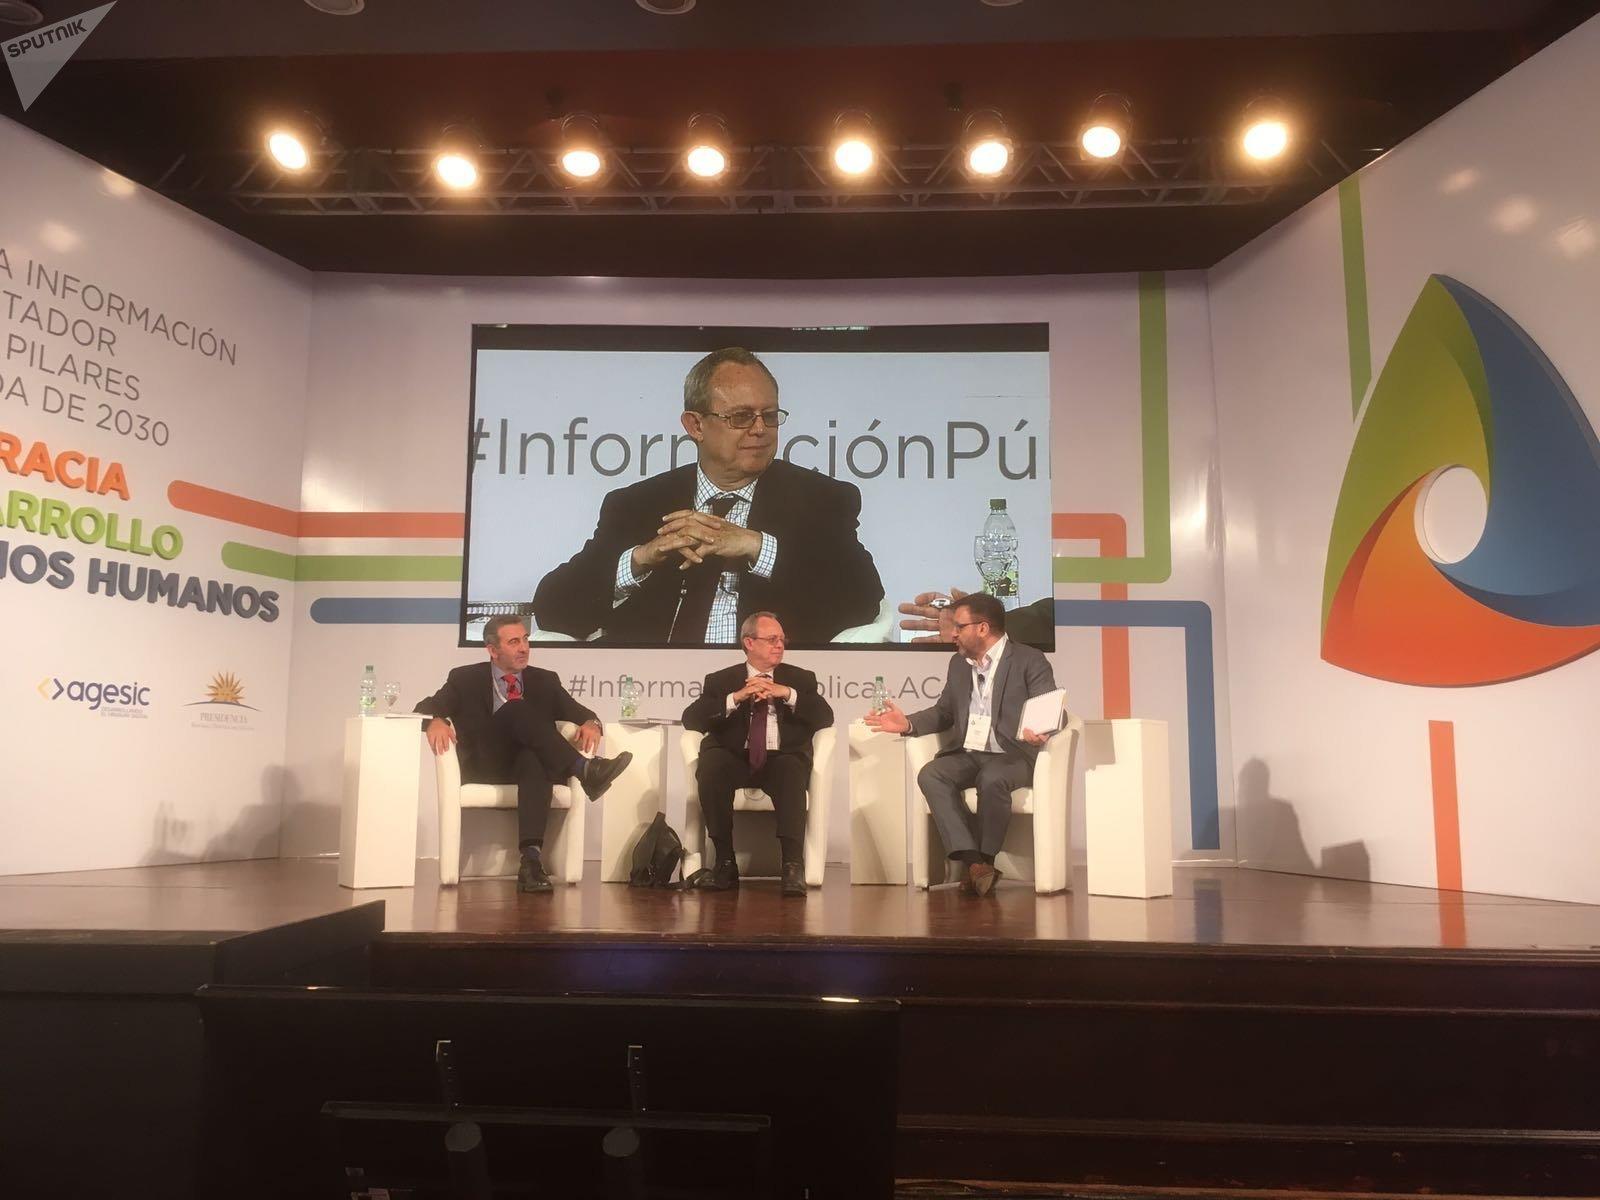 Cierre de la actividad de la UNESCO en Montevideo sobre Transparencia e Información Pública